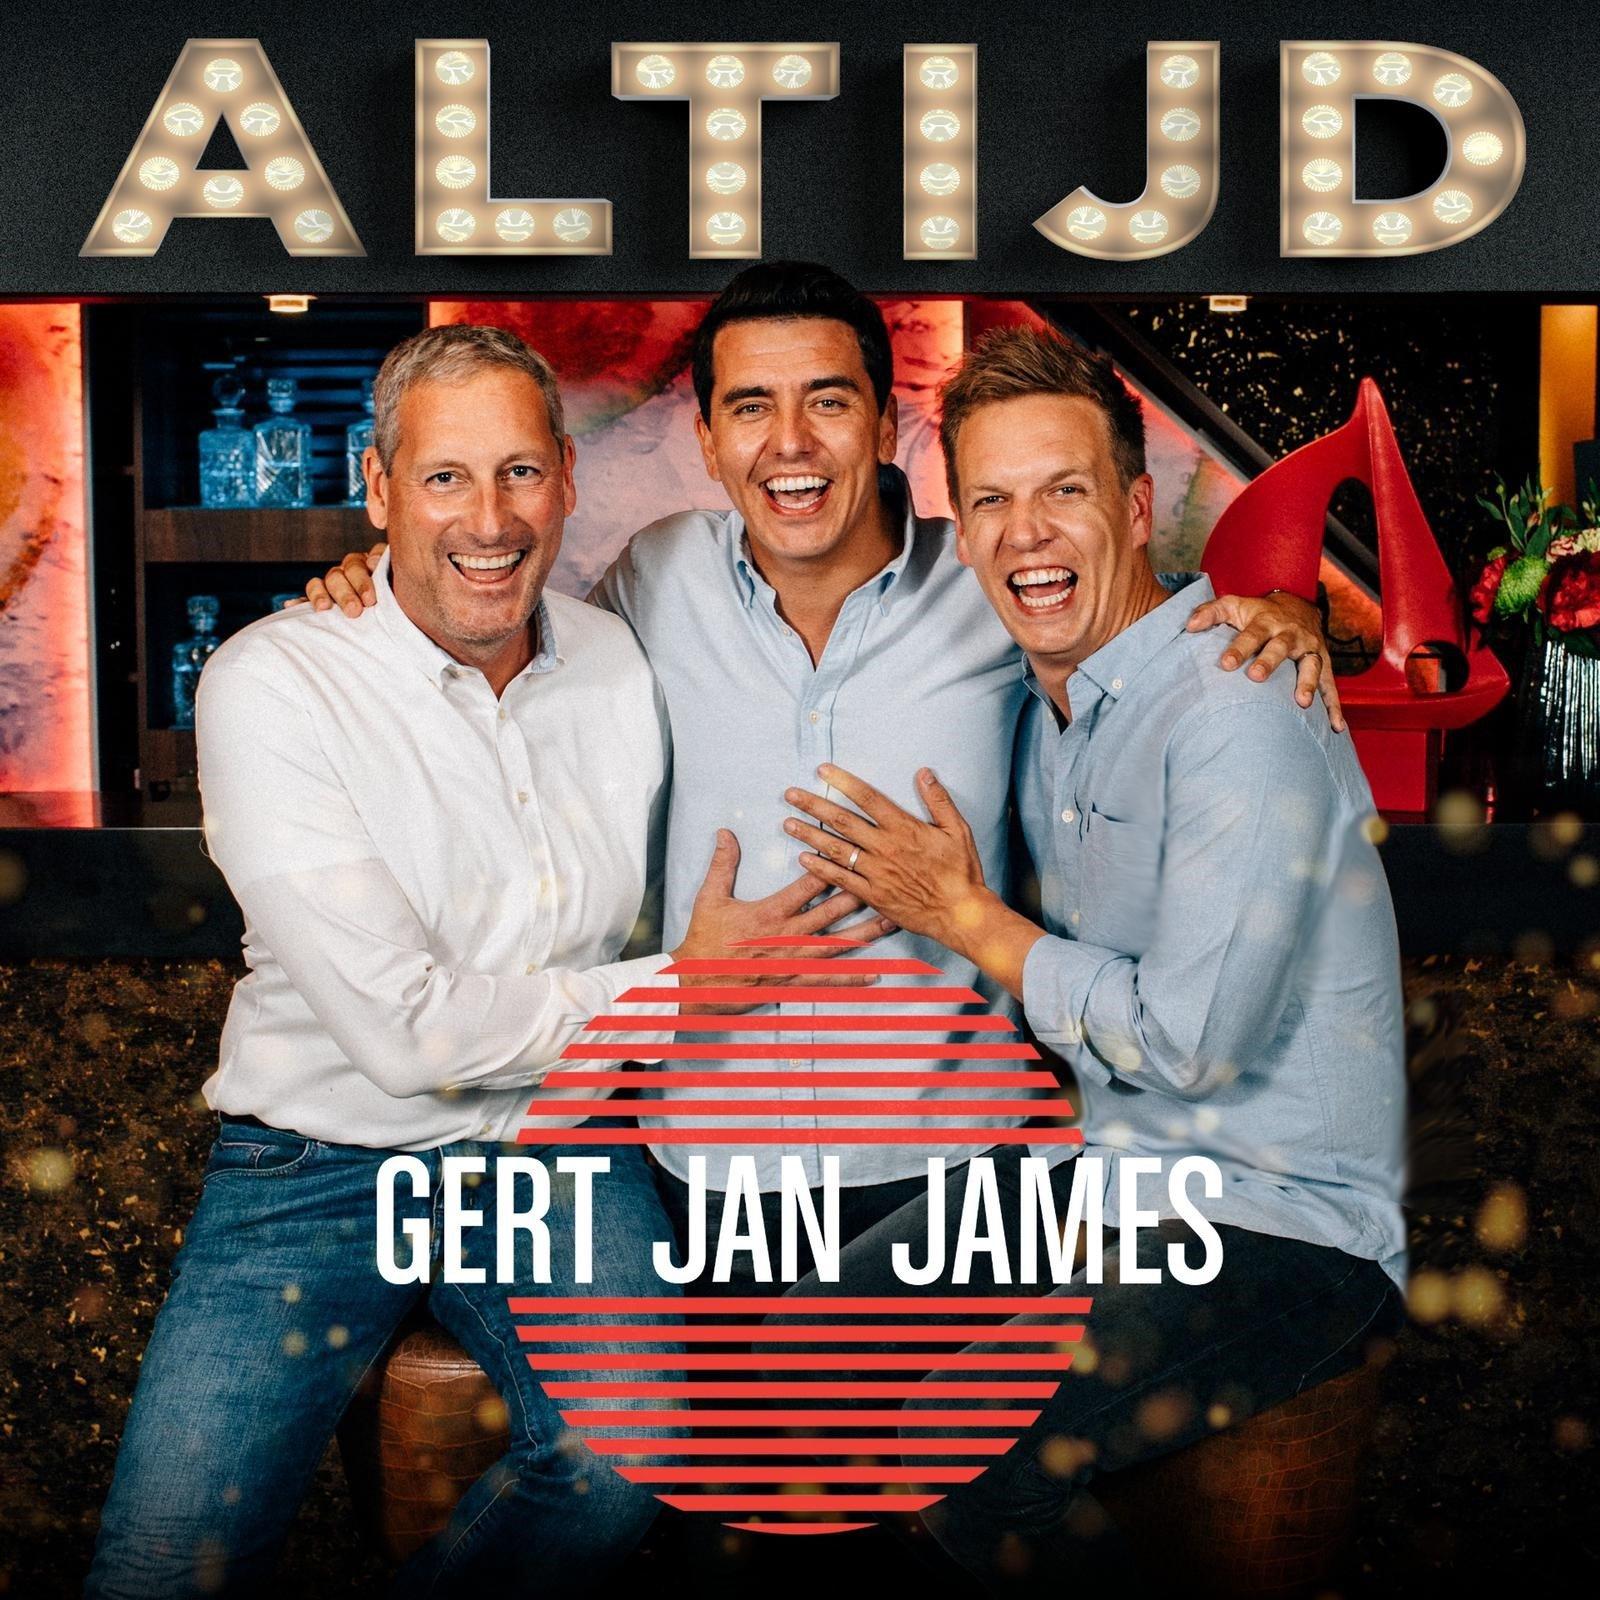 Gert, Jan en James scoren nummer 1 in de iTunes-lijst! - Hoes Gert James en Jan Altijd